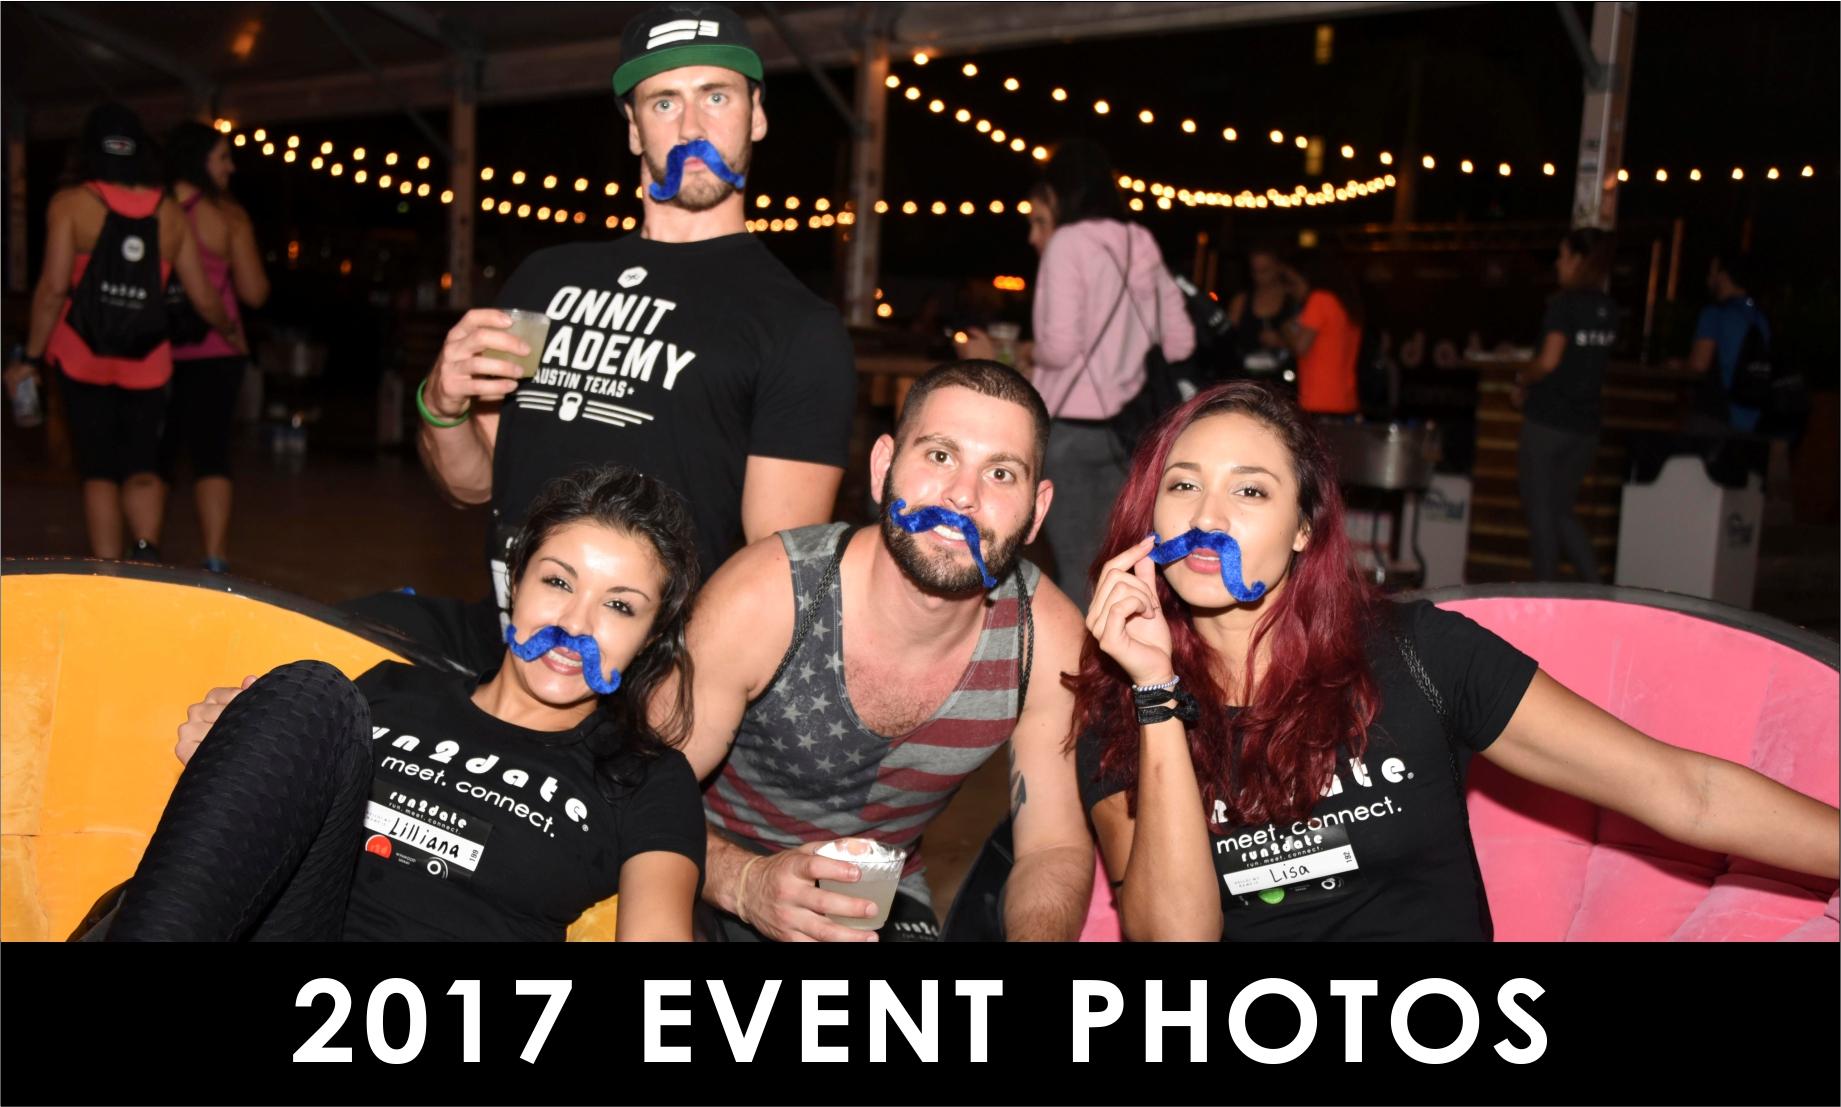 2017 Event Photos